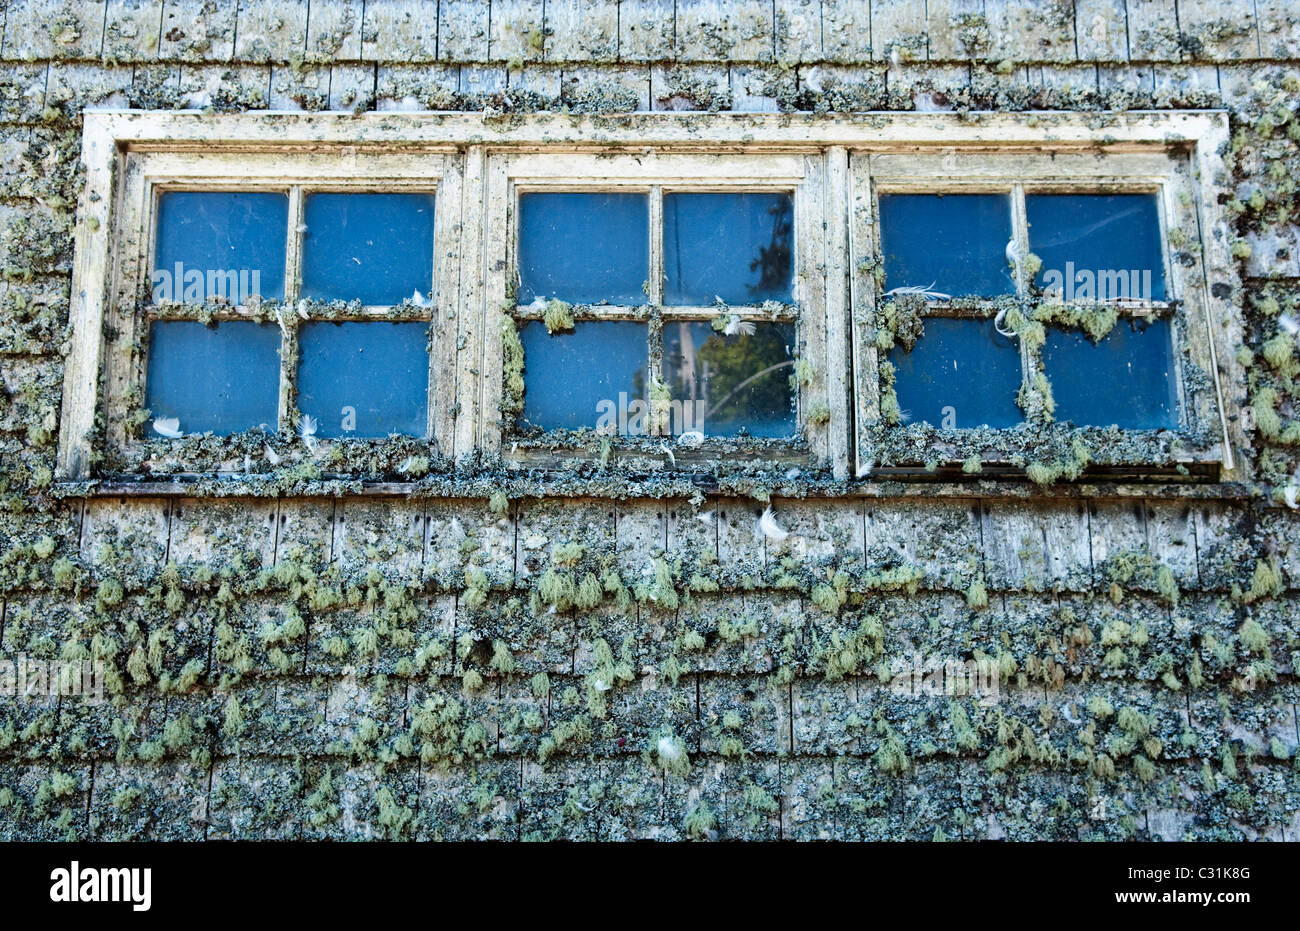 Una serie di finestre stratificate con gli elementi nel Parco Nazionale di Acadia, Maine. Immagini Stock